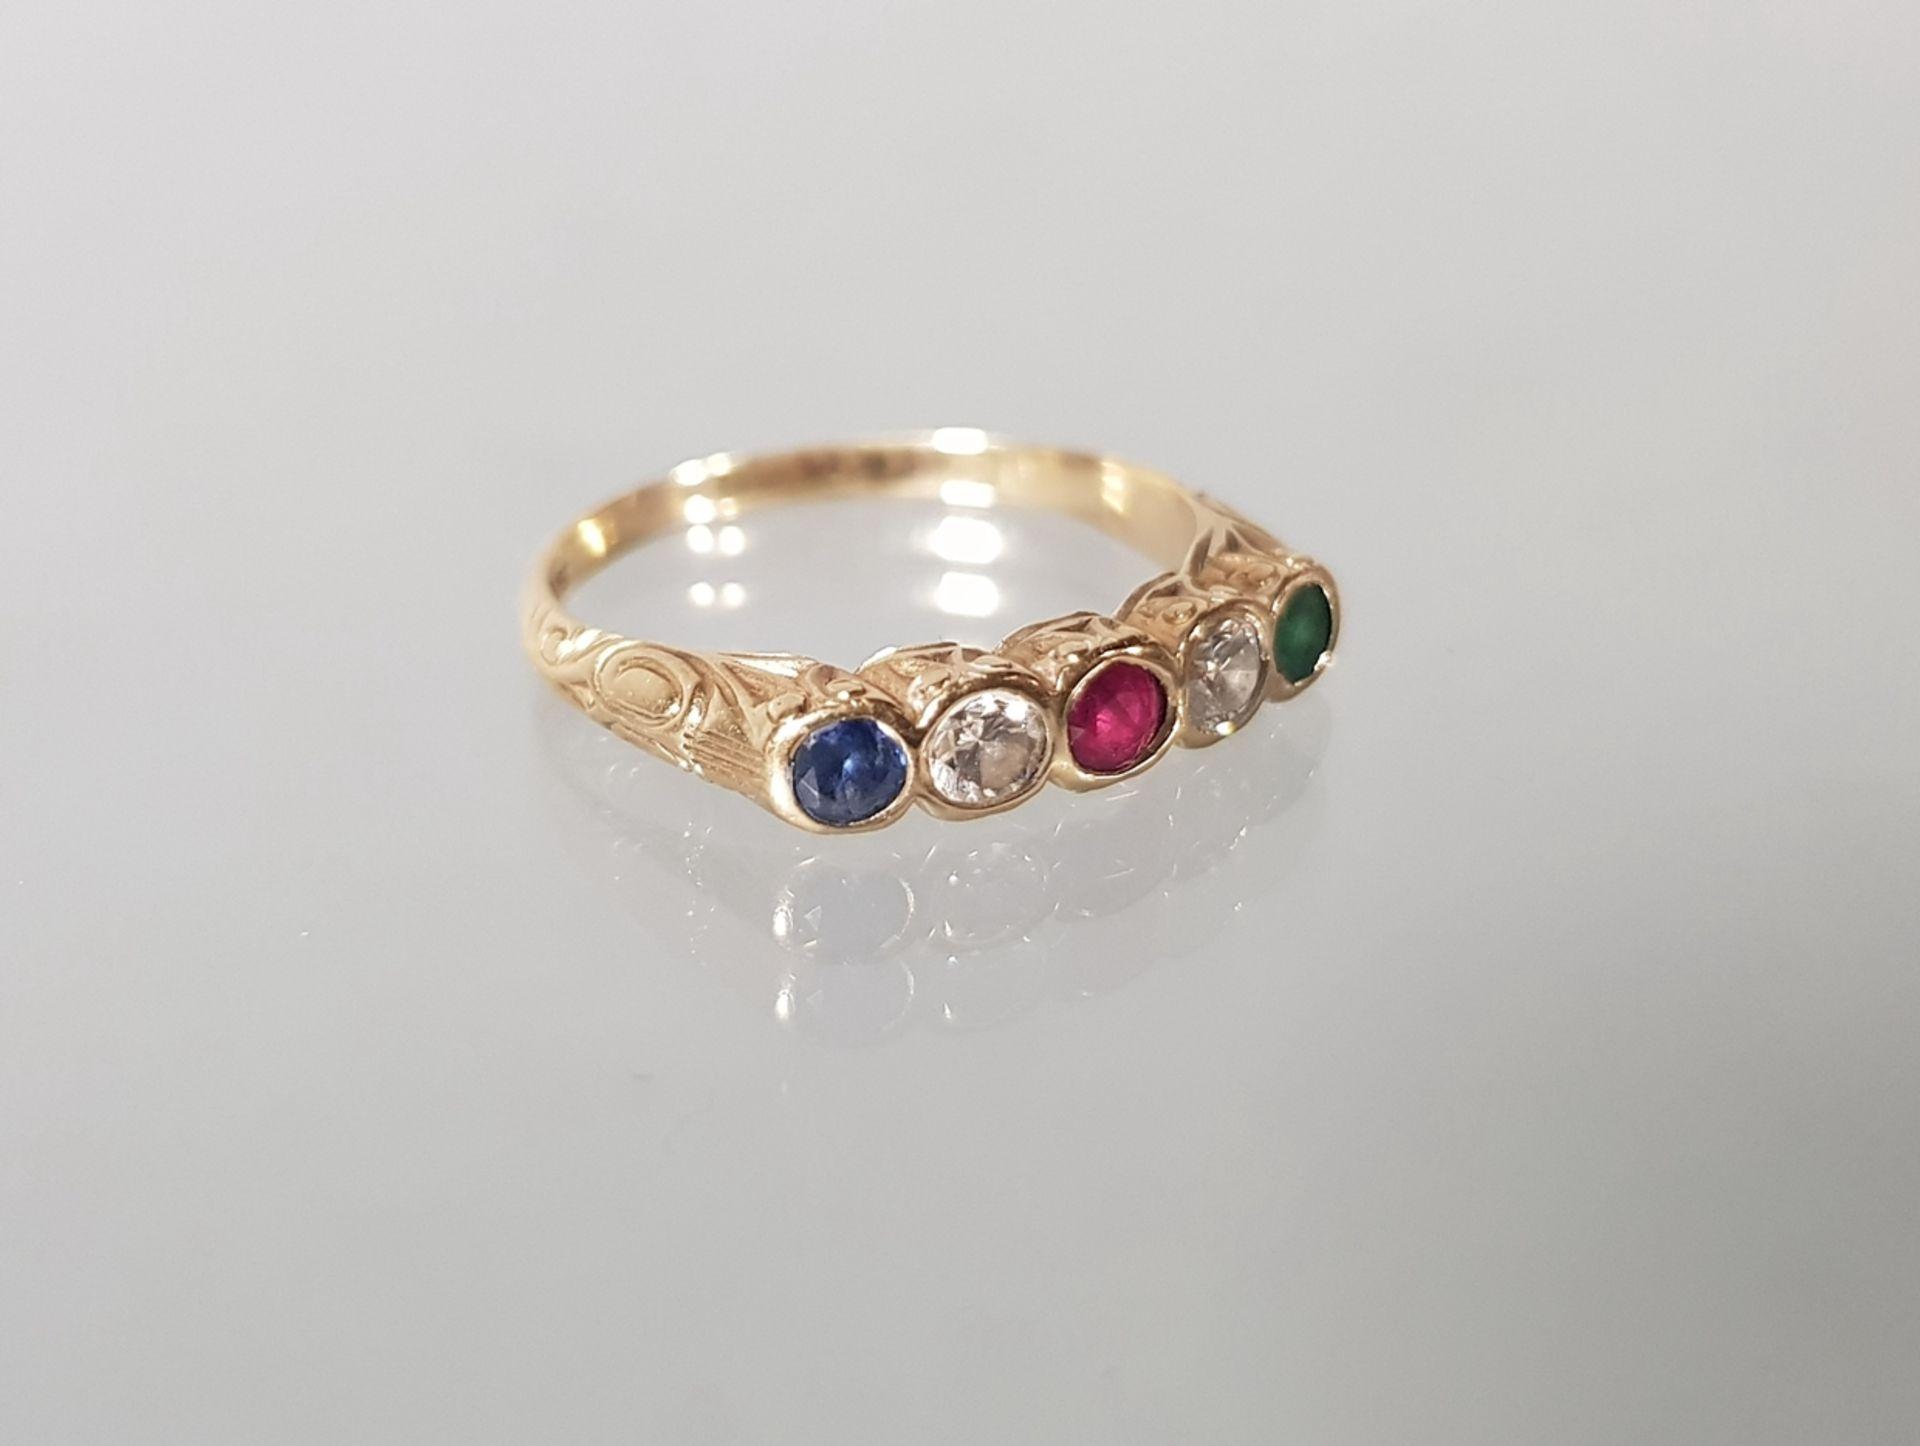 Ring, 1950er/60er Jahre, GG 585, Saphir, Rubin, Smaragd und 2 Brillanten zus. ca. 0.20 ct., 3 g, RM